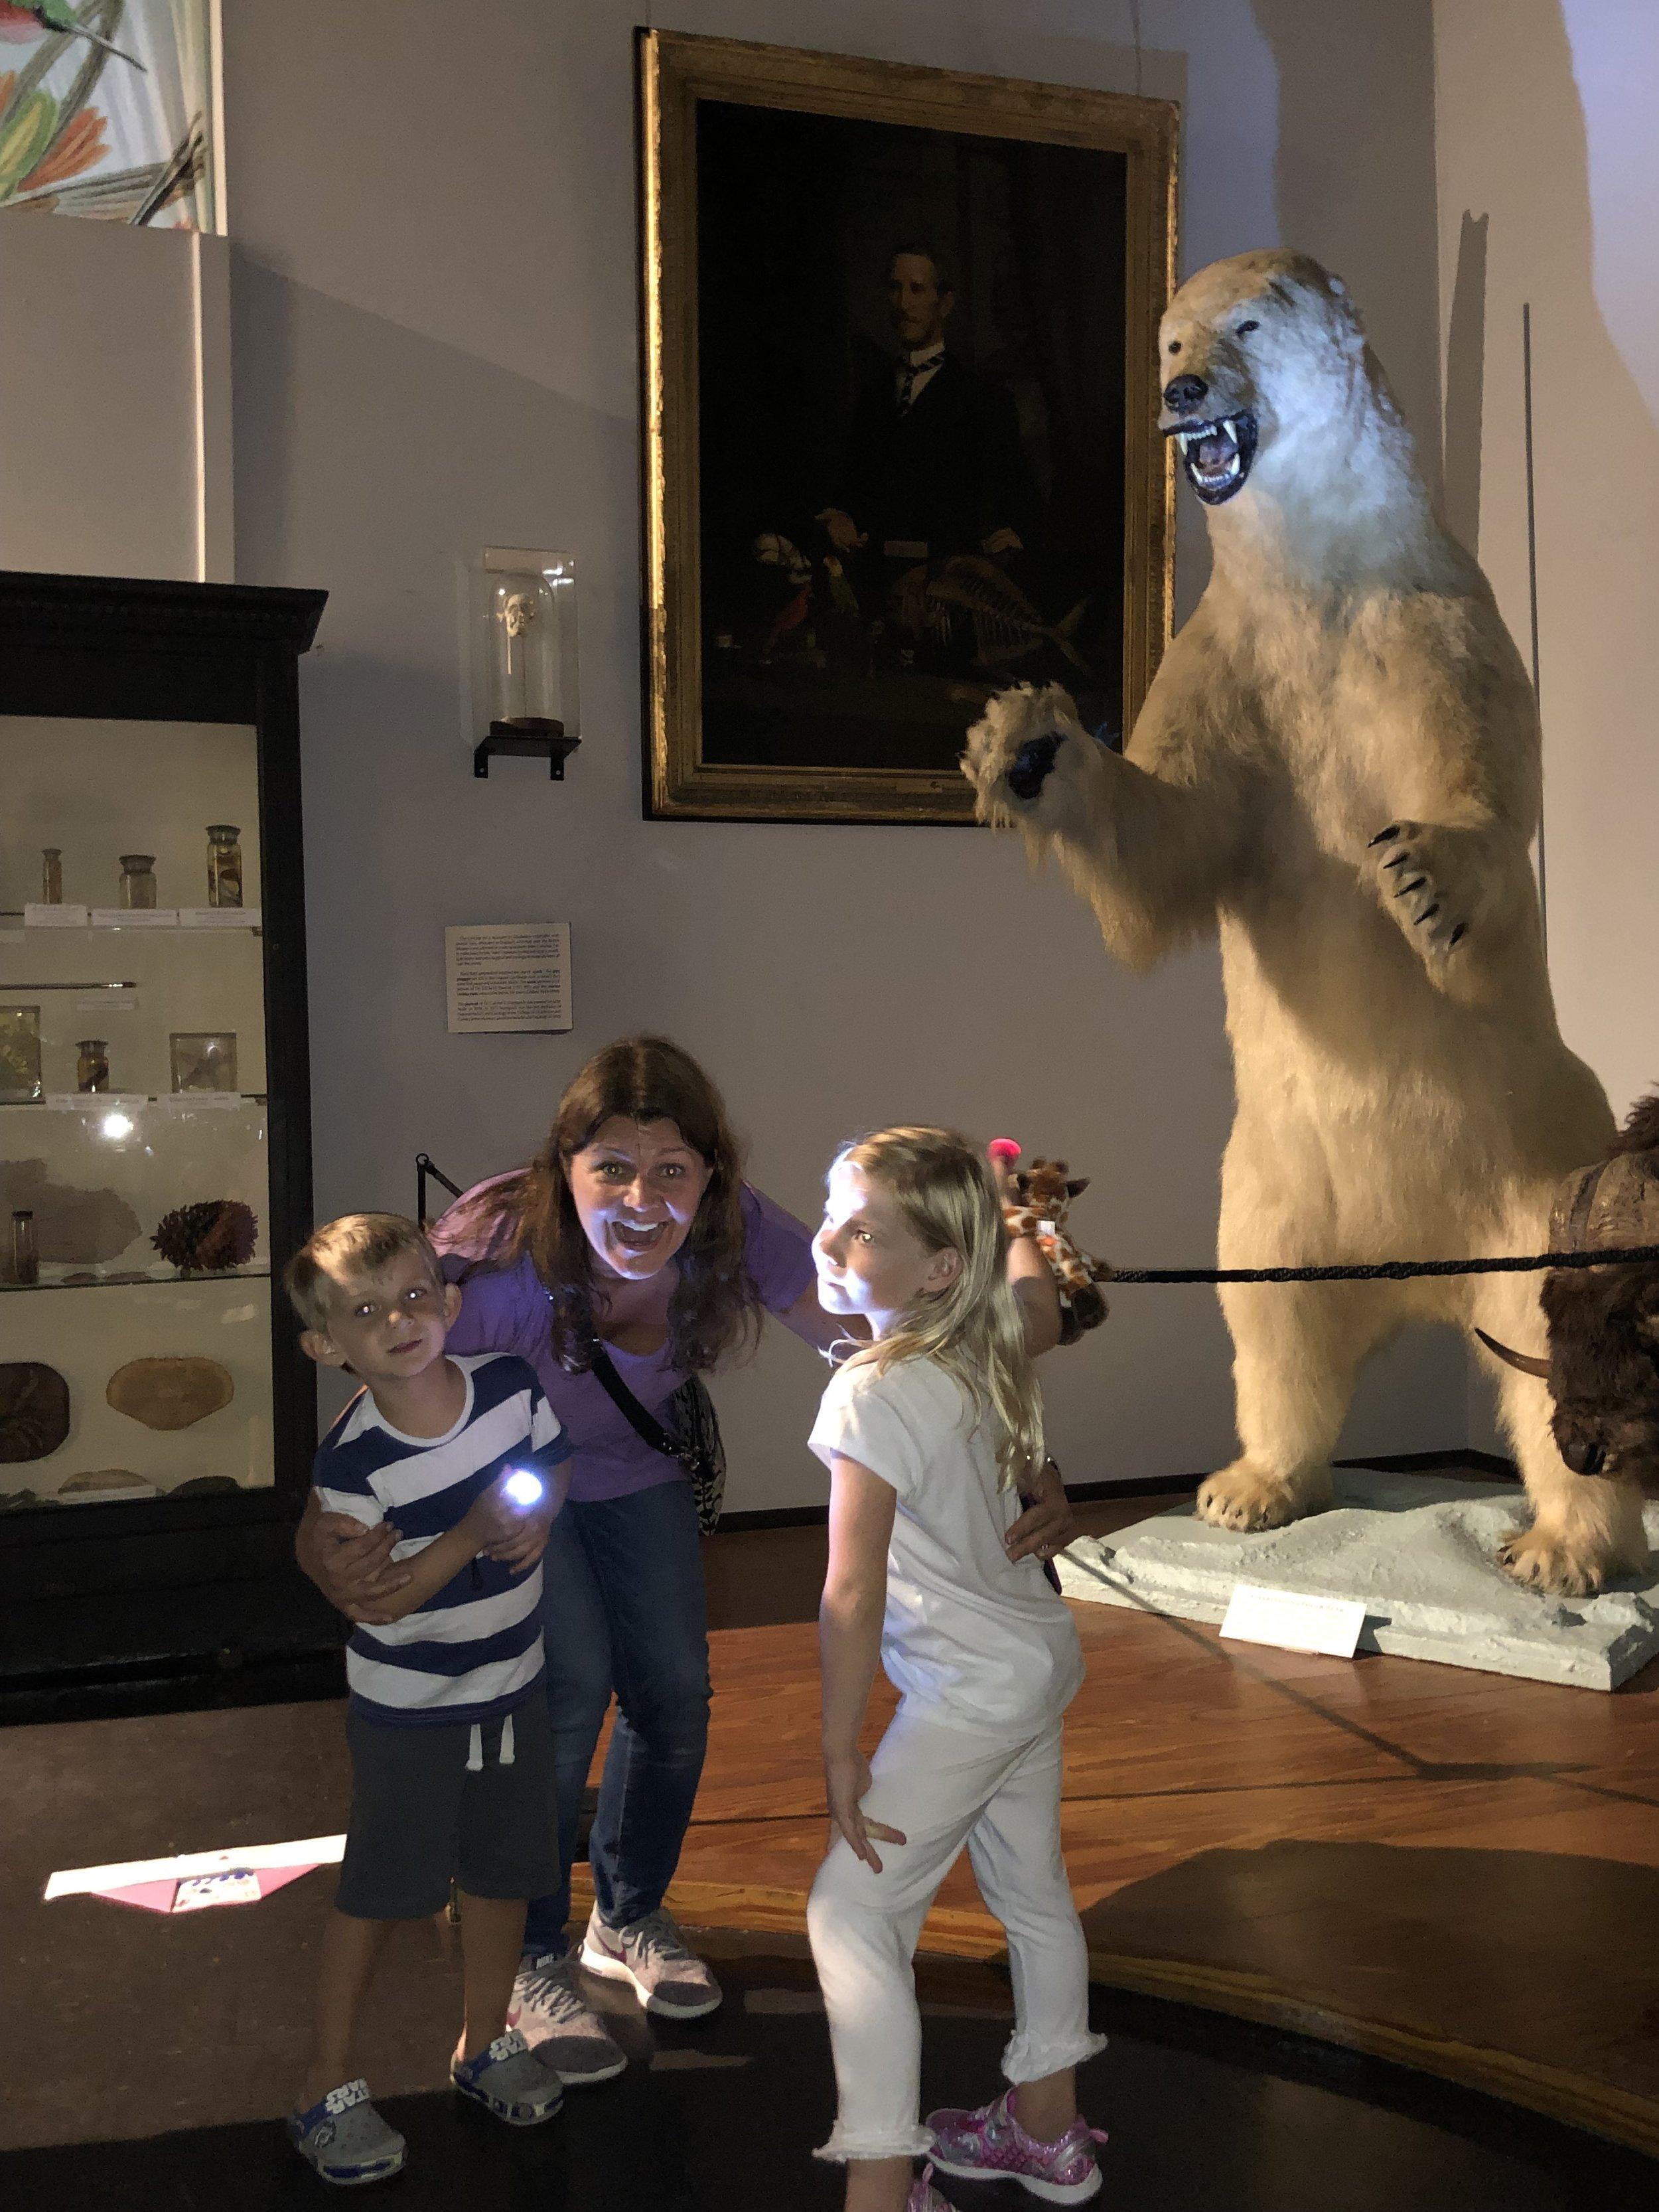 A polar bear in Charleston?!?